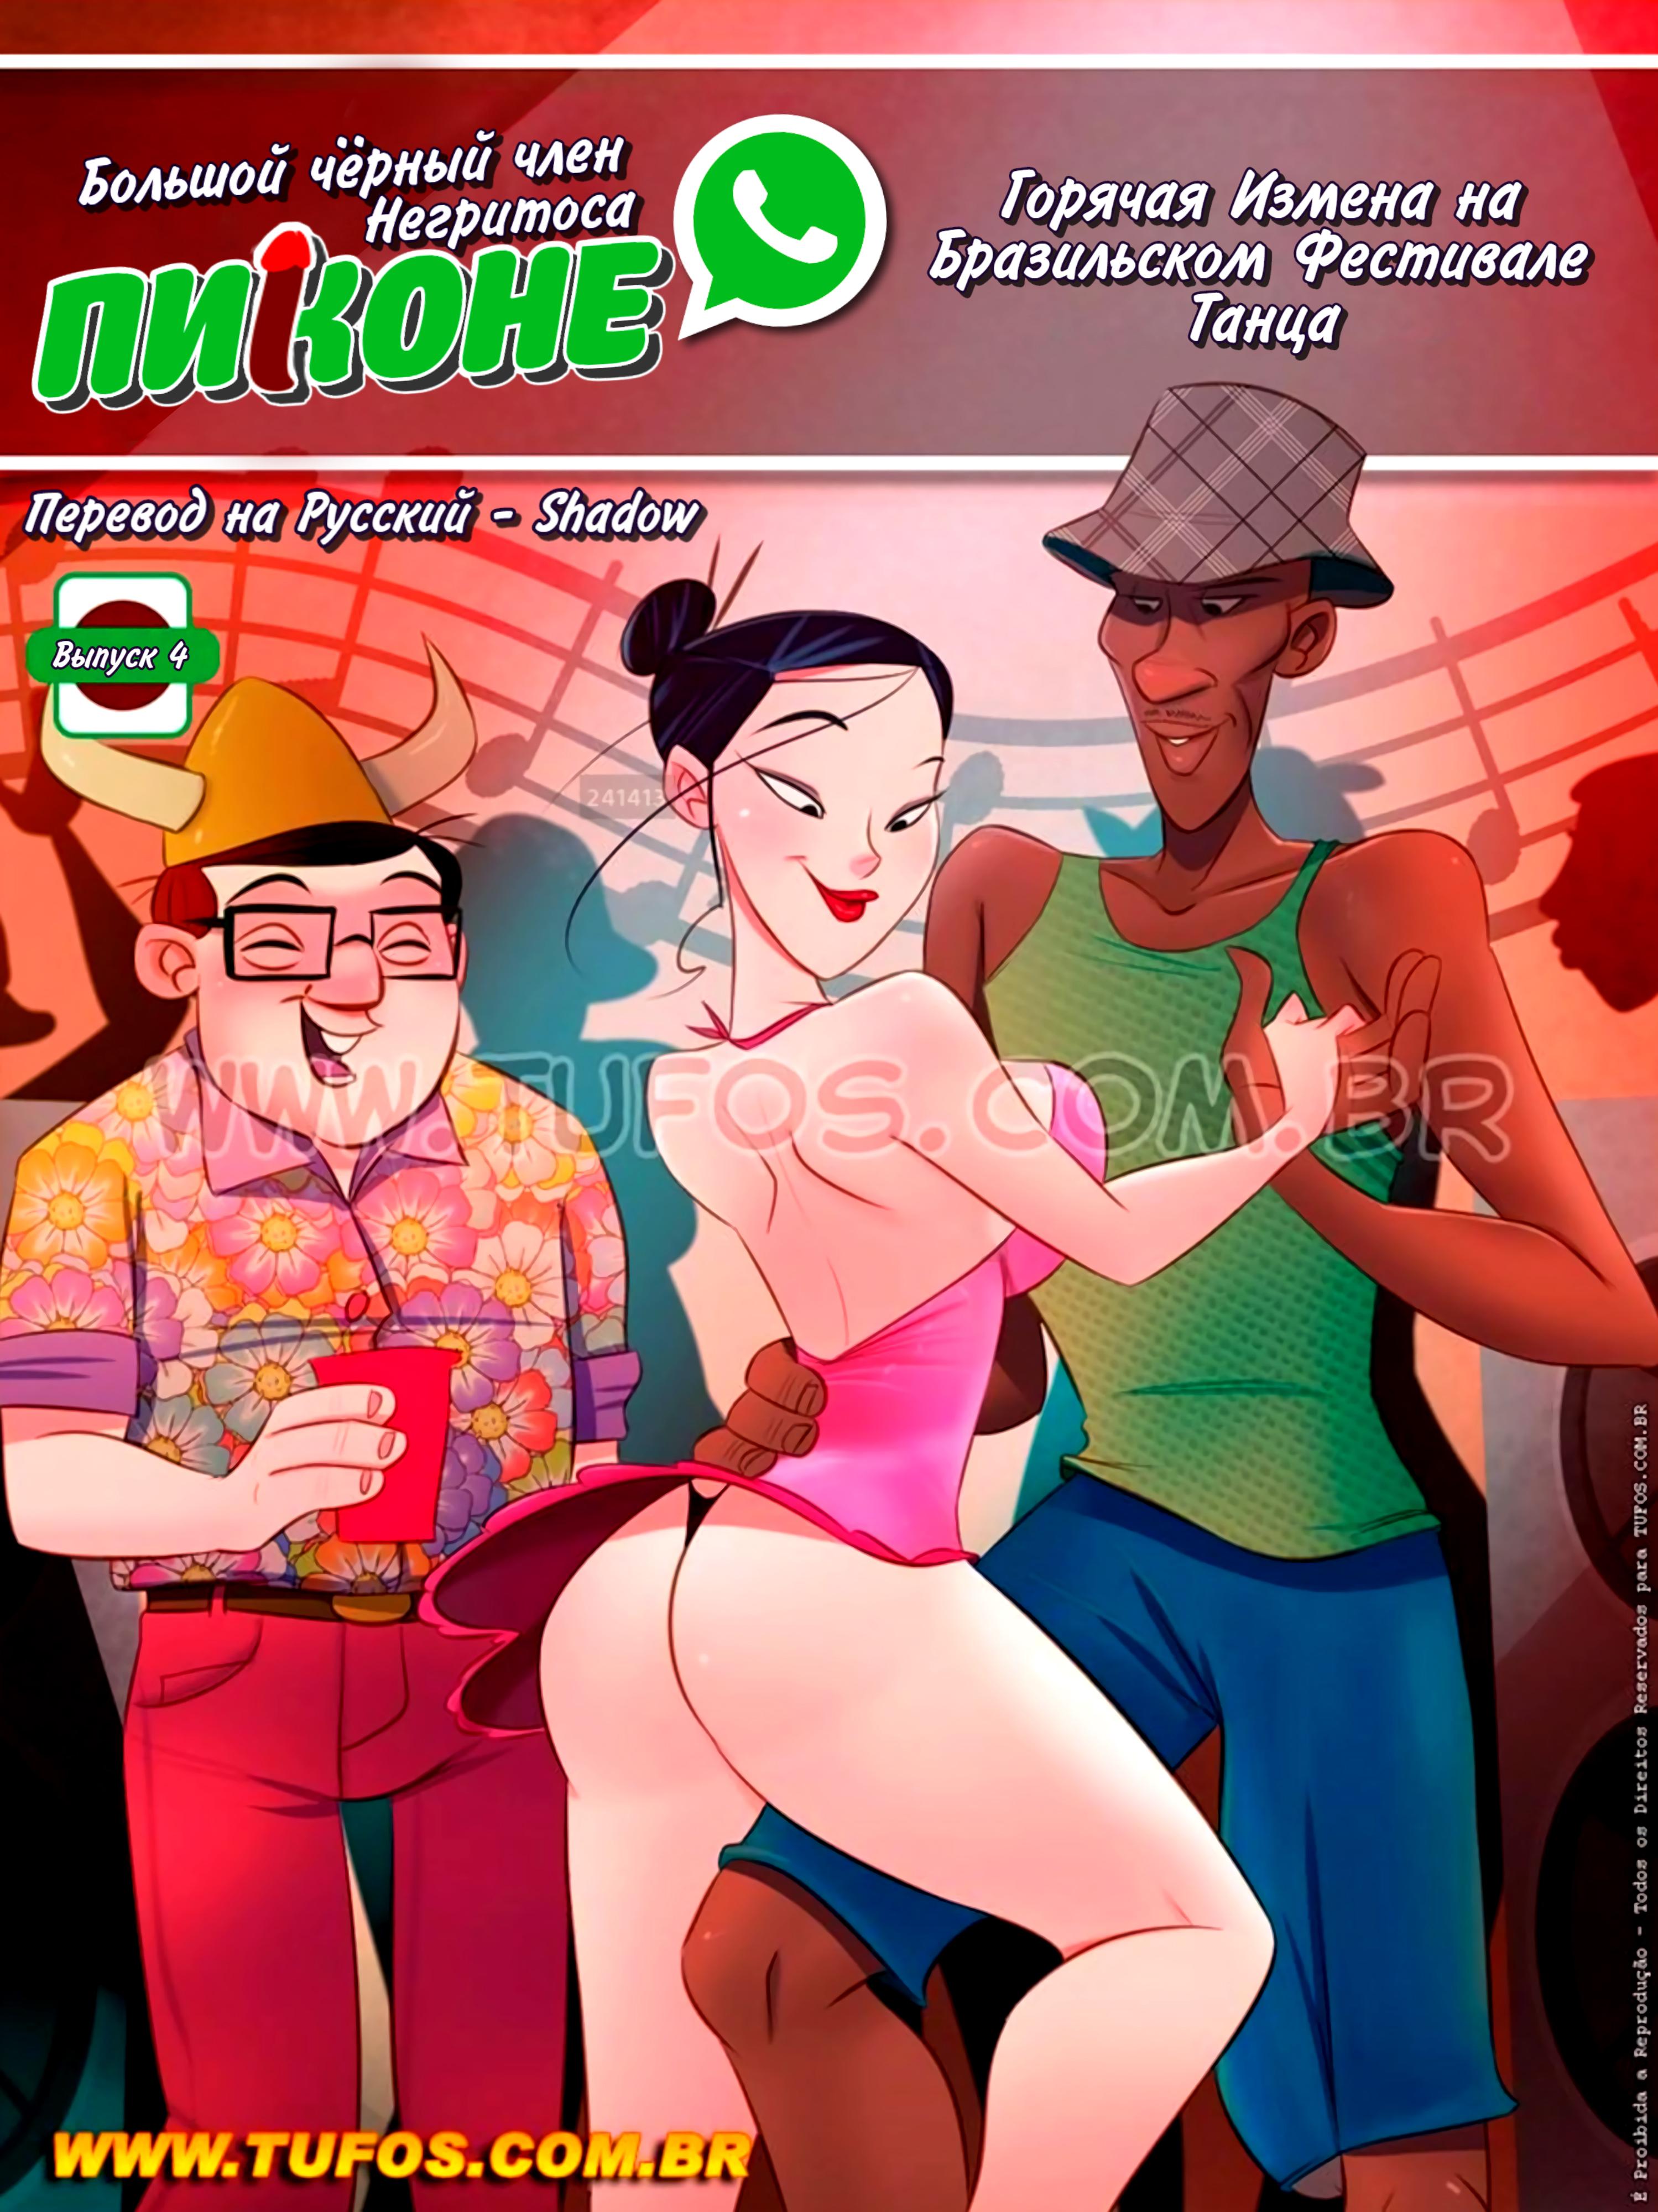 Порно комиксы - Большой чёрный член Негритоса Пиконе #4: Горячая Измена на Фестивале Большая грудь, Анал, Без цензуры, Большие члены, Измена, Минет, Порно комиксы